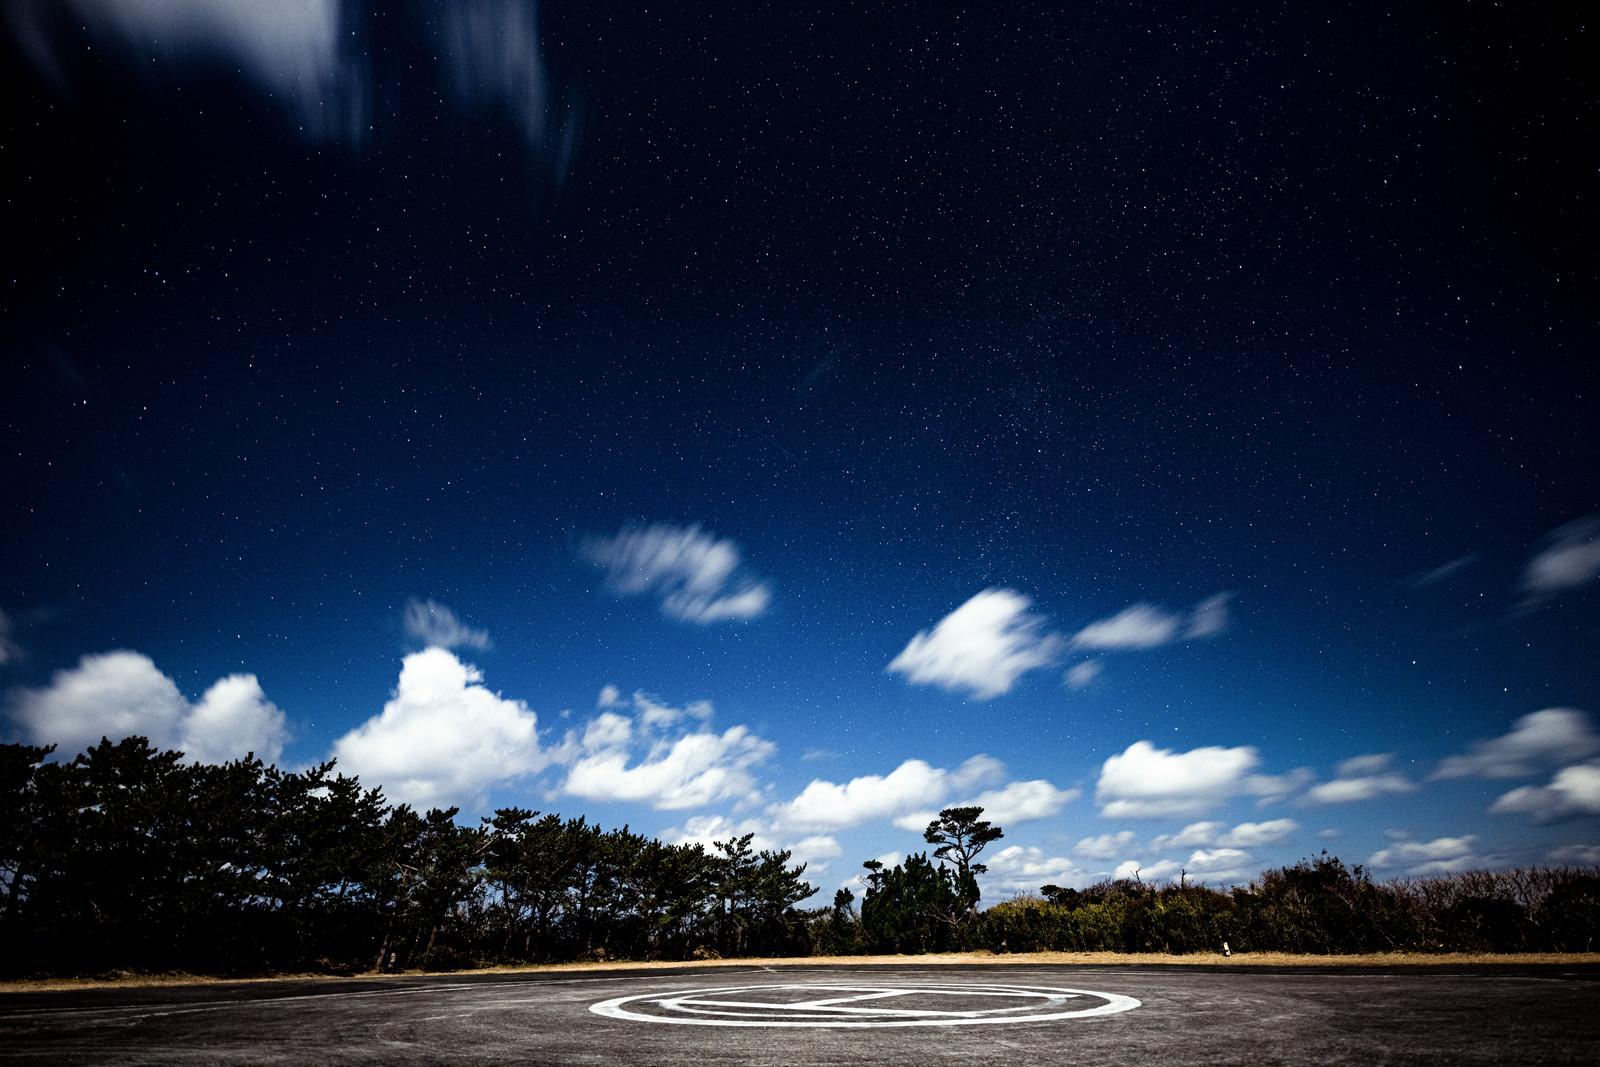 kouzushimaPAR51407_TP_V.jpg